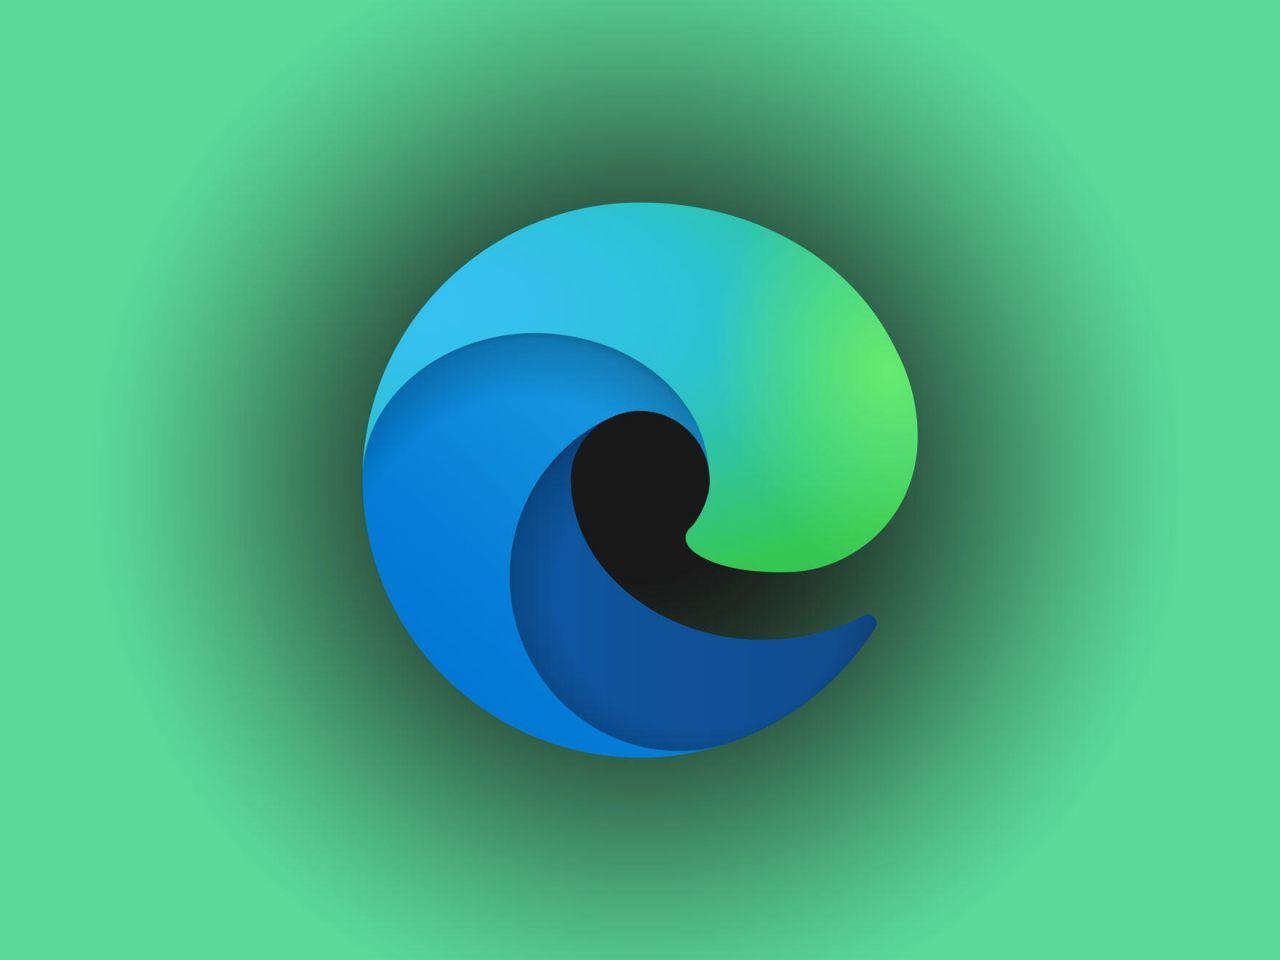 マイクロソフト、新しい「Edge」を正式提供--「Chromium」ベースで互換 ...